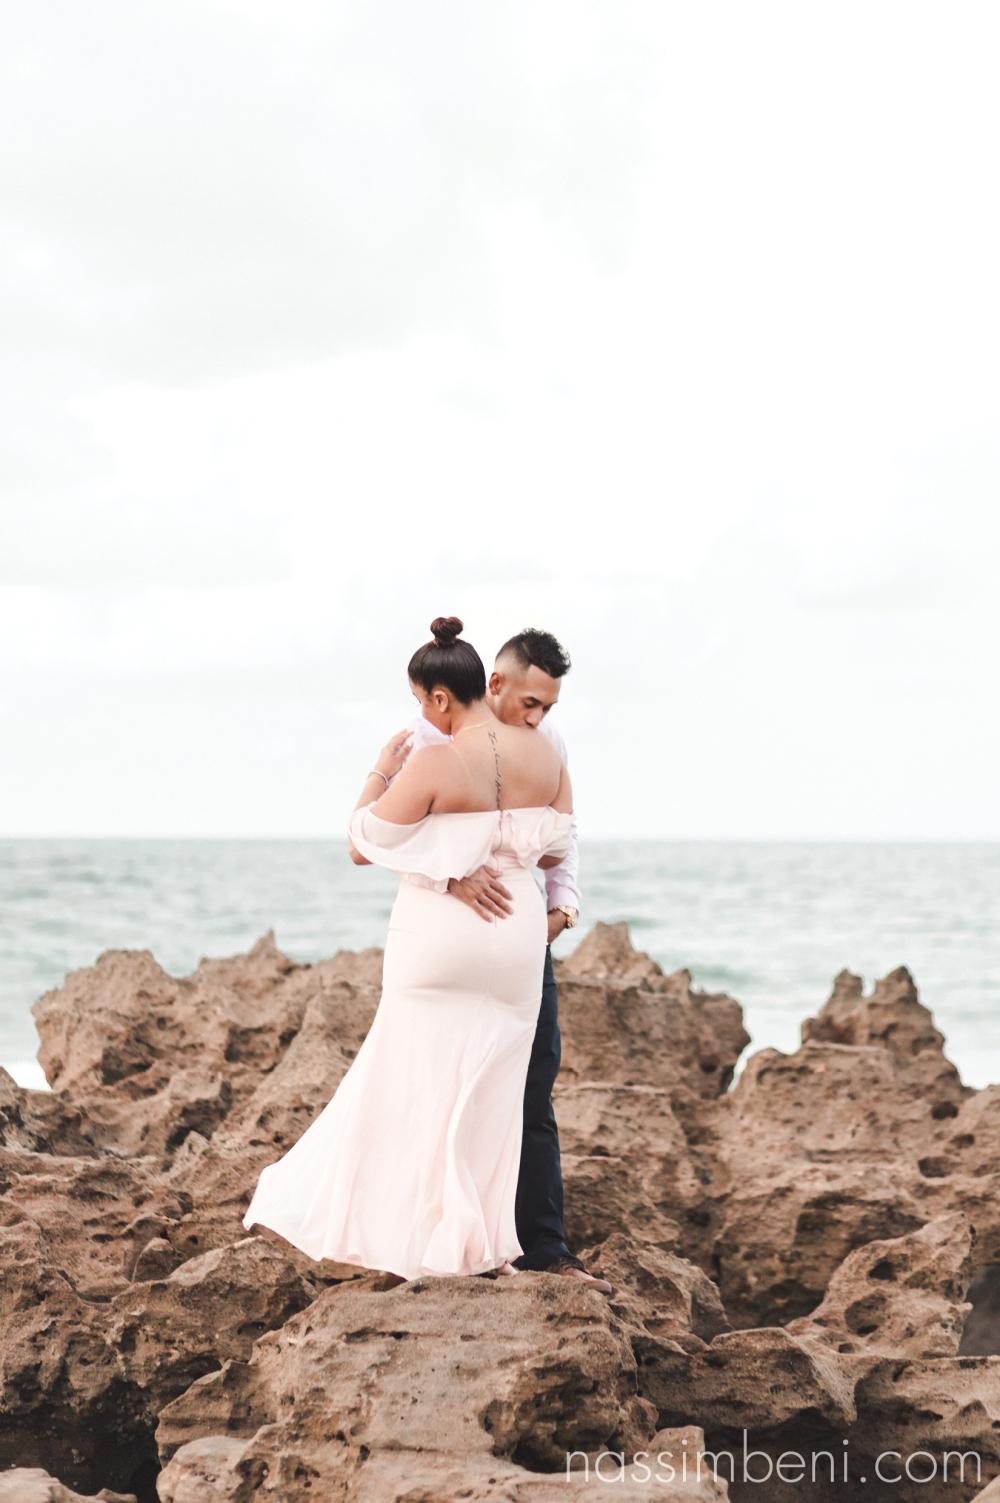 Oceanside elegant engagement photos - Nassimbeni Photography